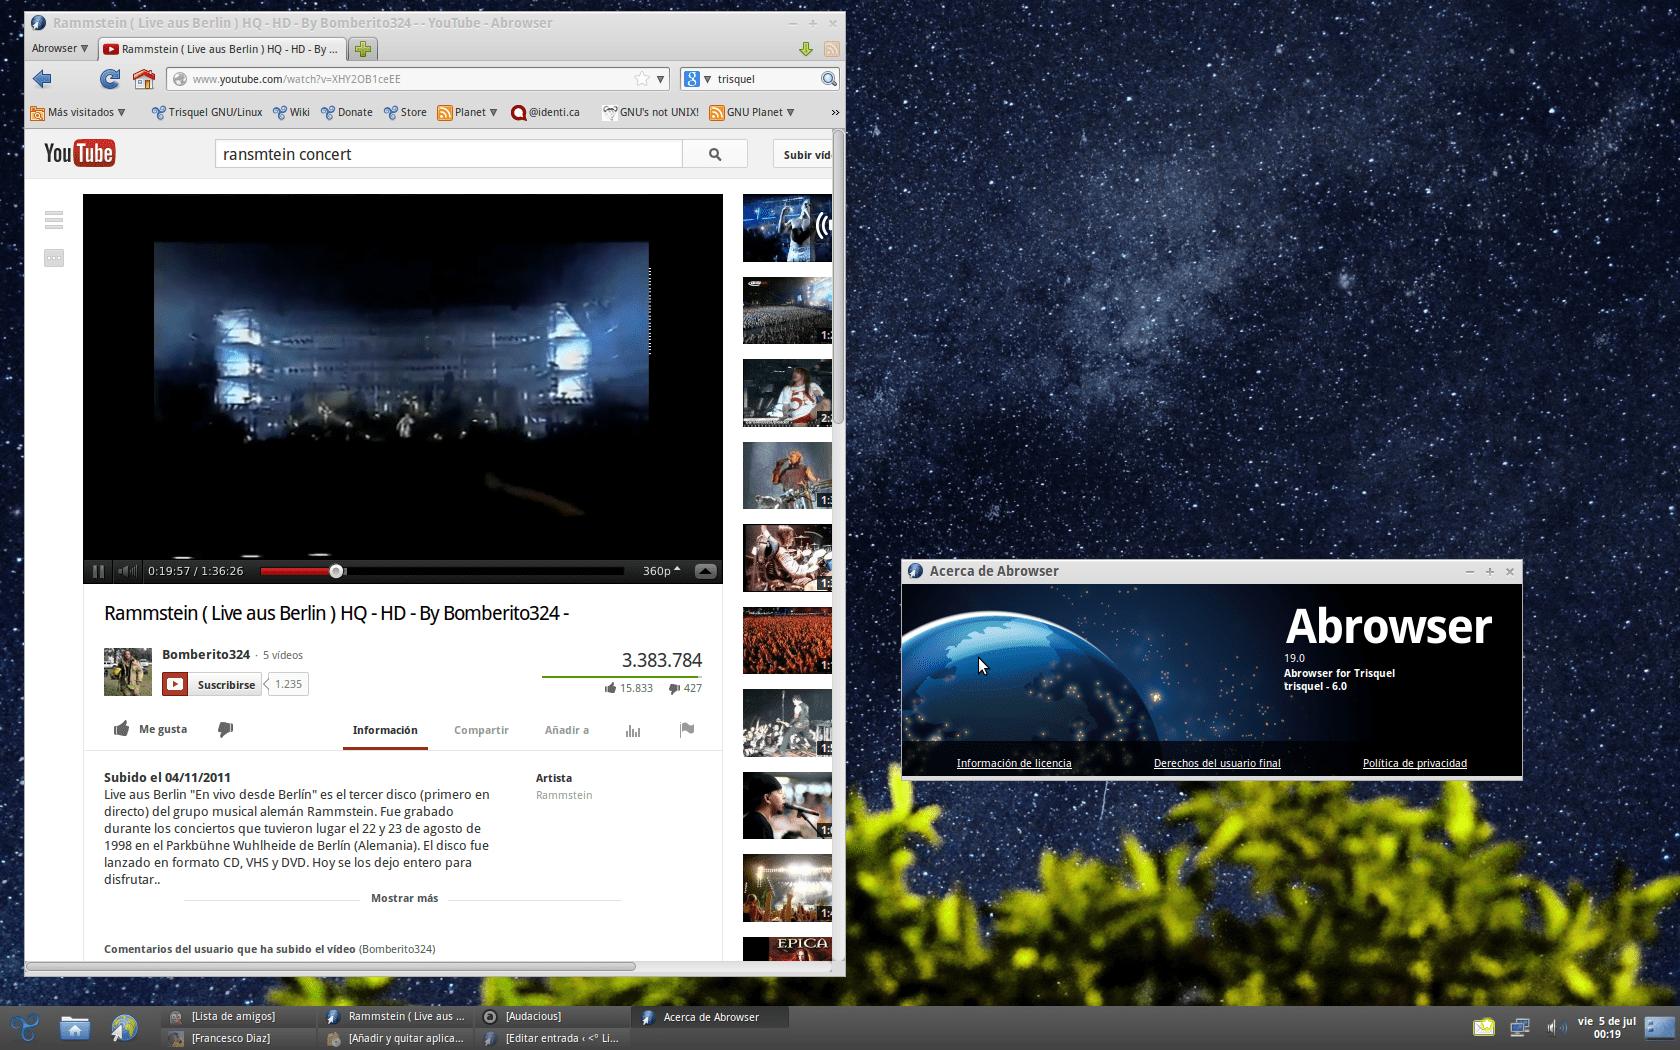 Captura de pantalla de 2013-07-05 00:19:57